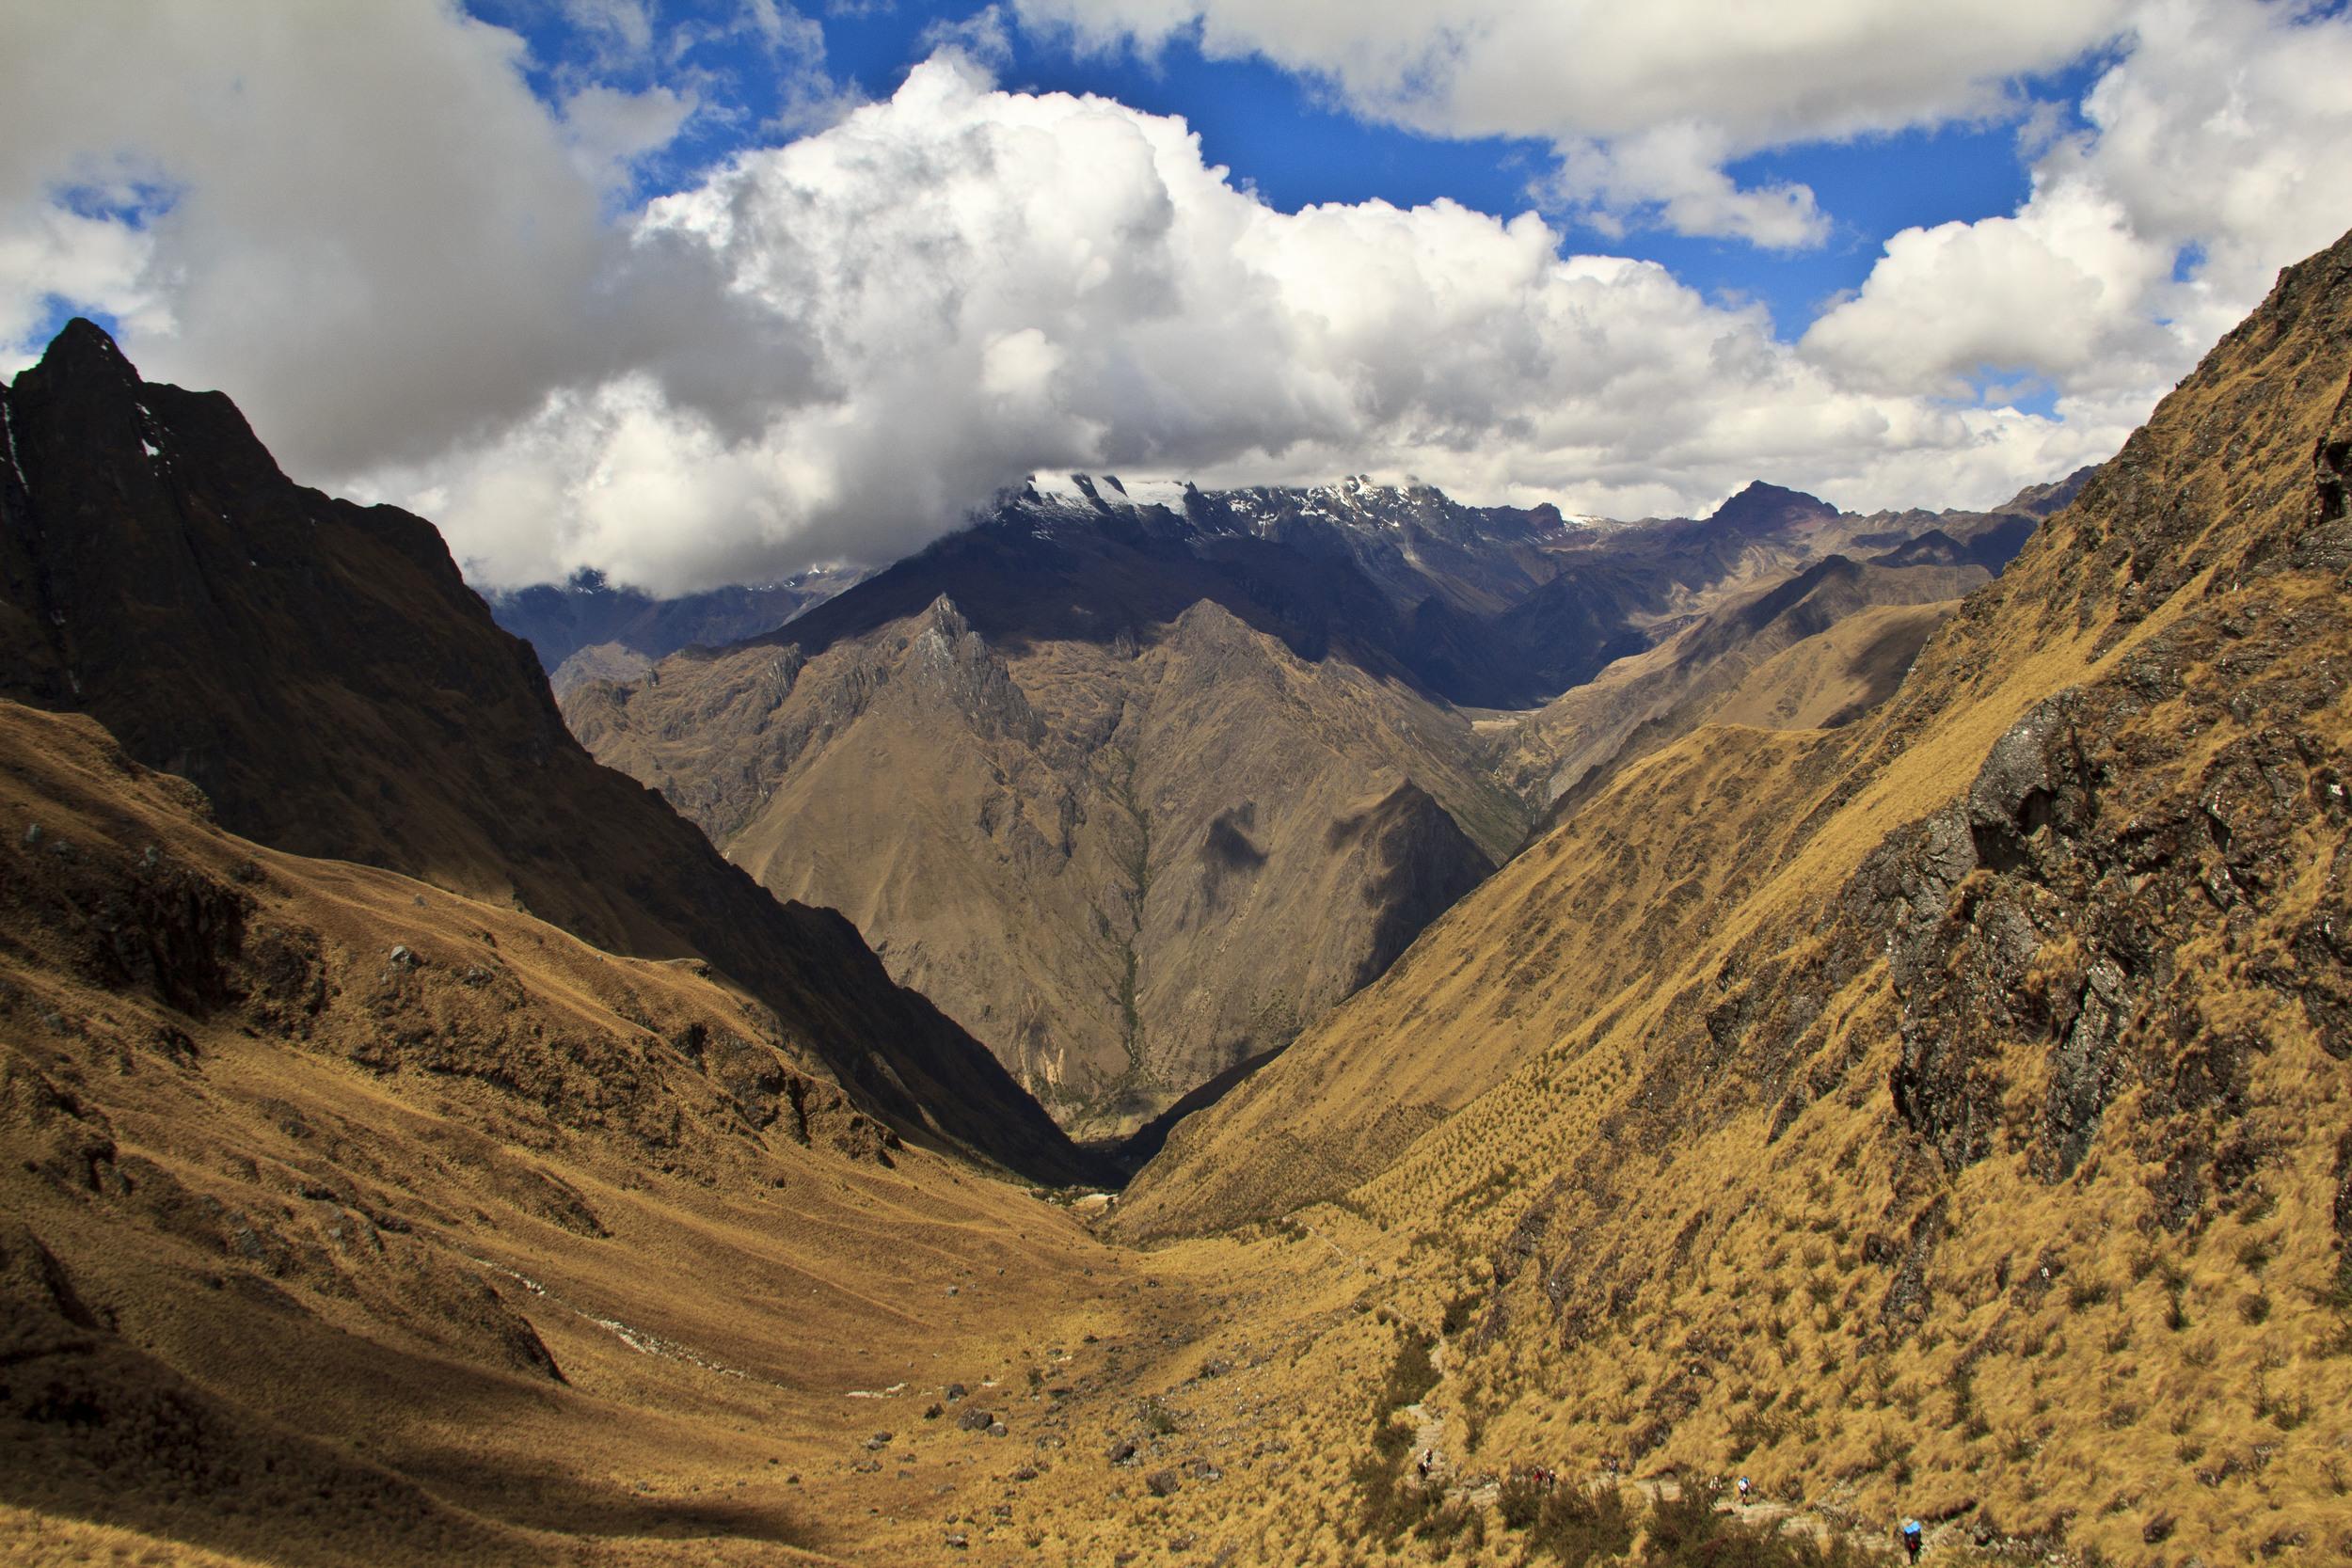 Summit of Inca Trail, 13,900 Feet